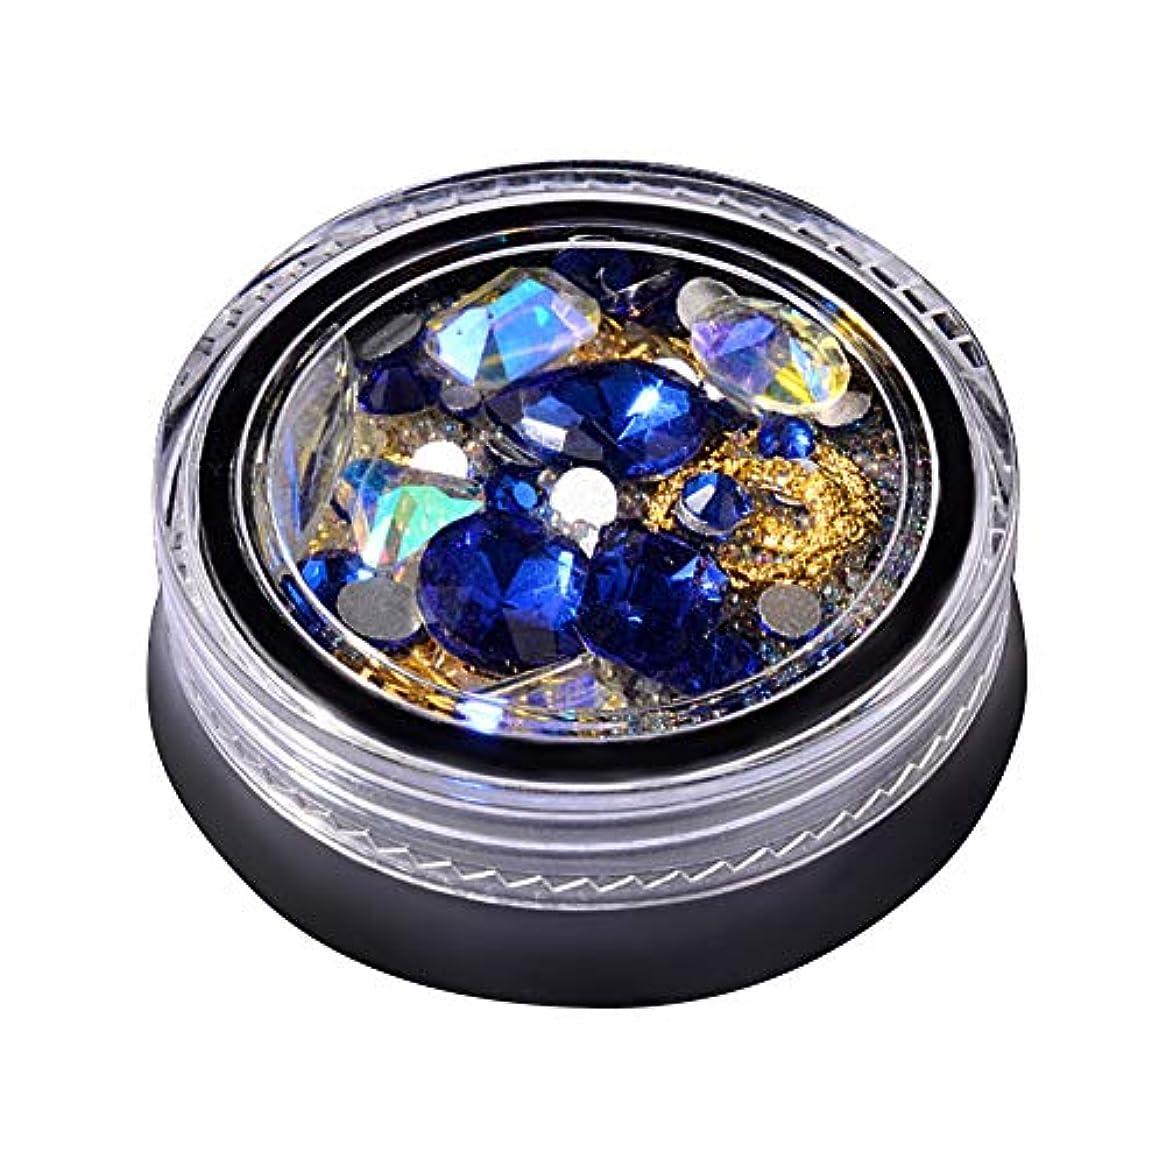 おばあさん人種ログネイルジュエリーネイルダイヤモンド形の多面的な創造的な装飾的な模造ダイヤモンドドリルダイヤモンドは青のDIYネイルアートツールセットの小道具